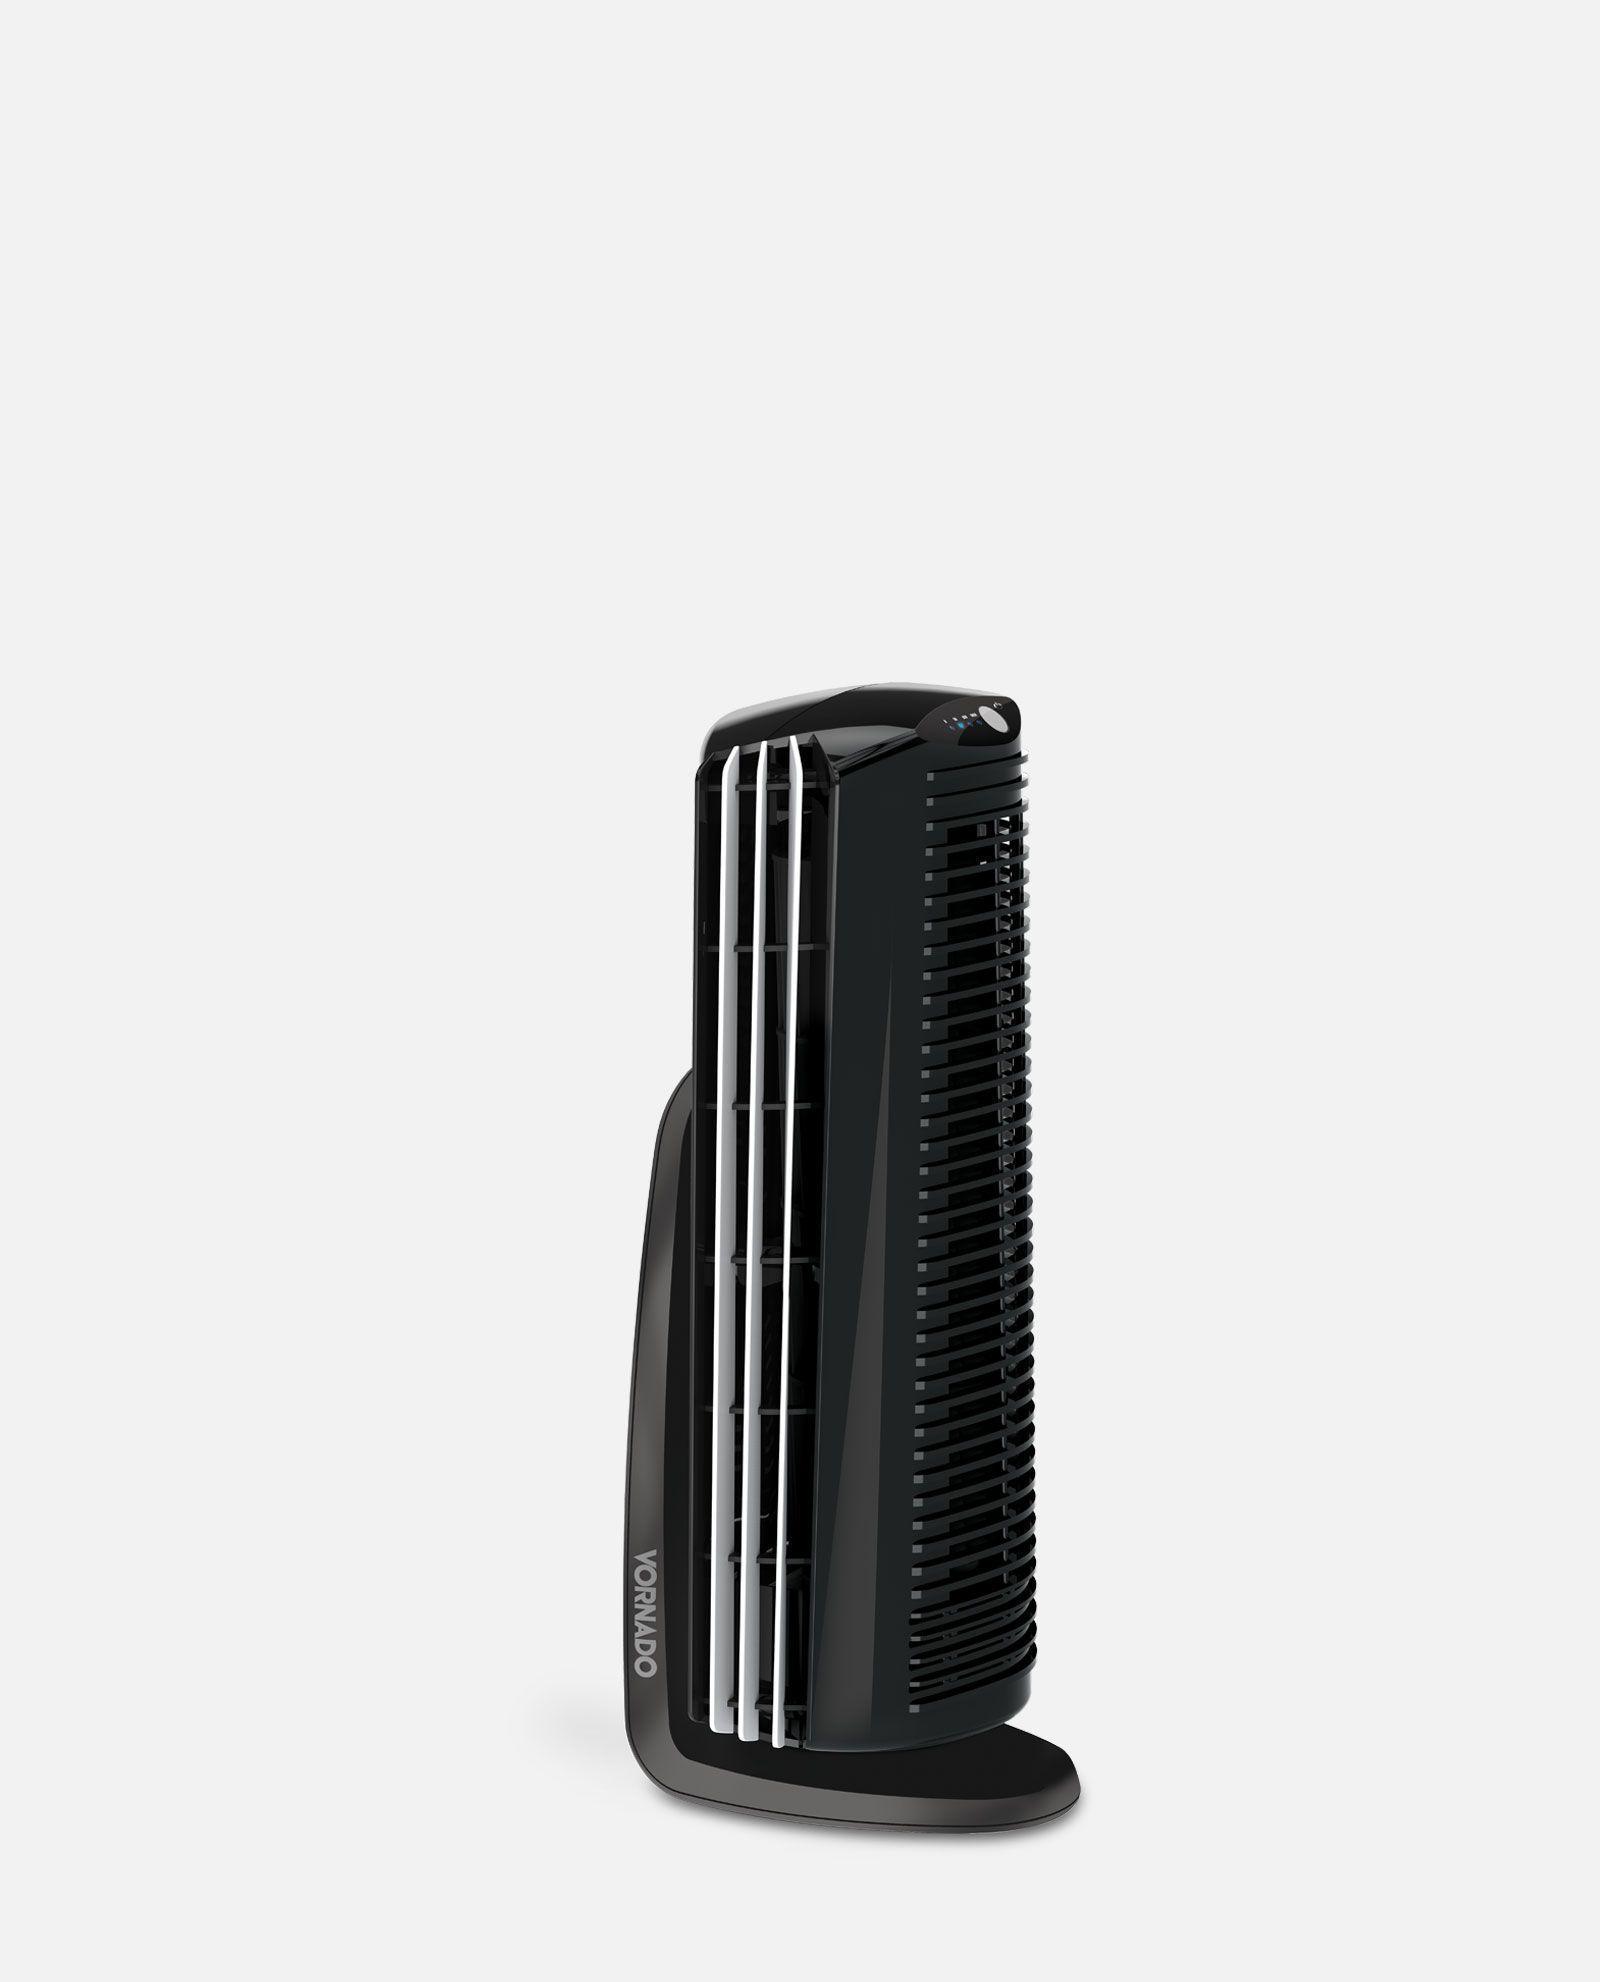 Vornado Tower Circulator : Duo compact tower circulator vornado